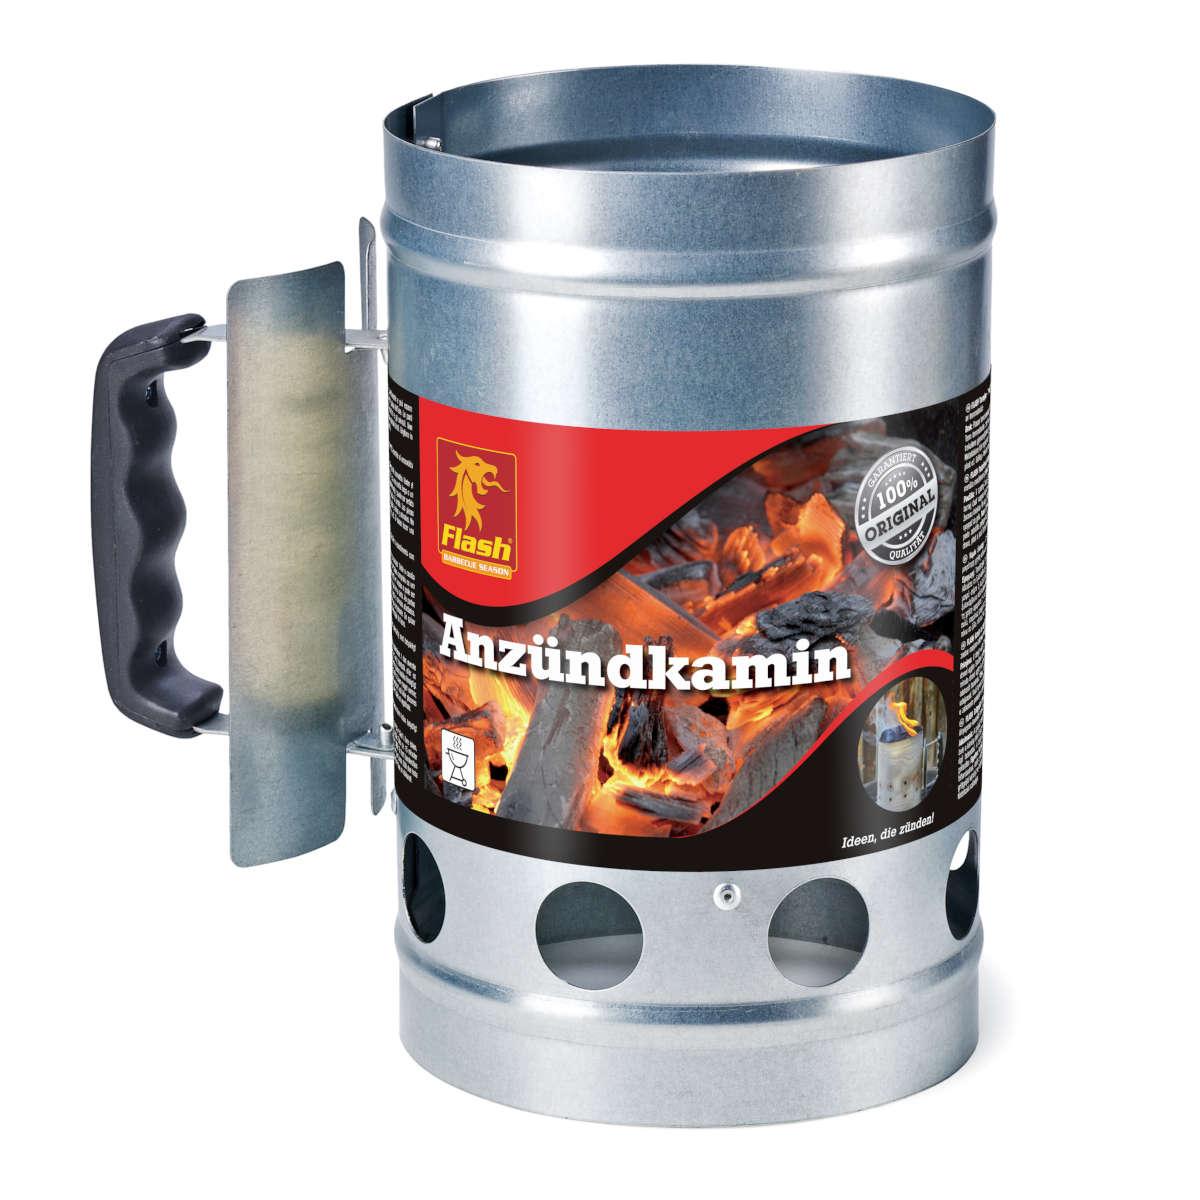 Grill-Anzündkamin